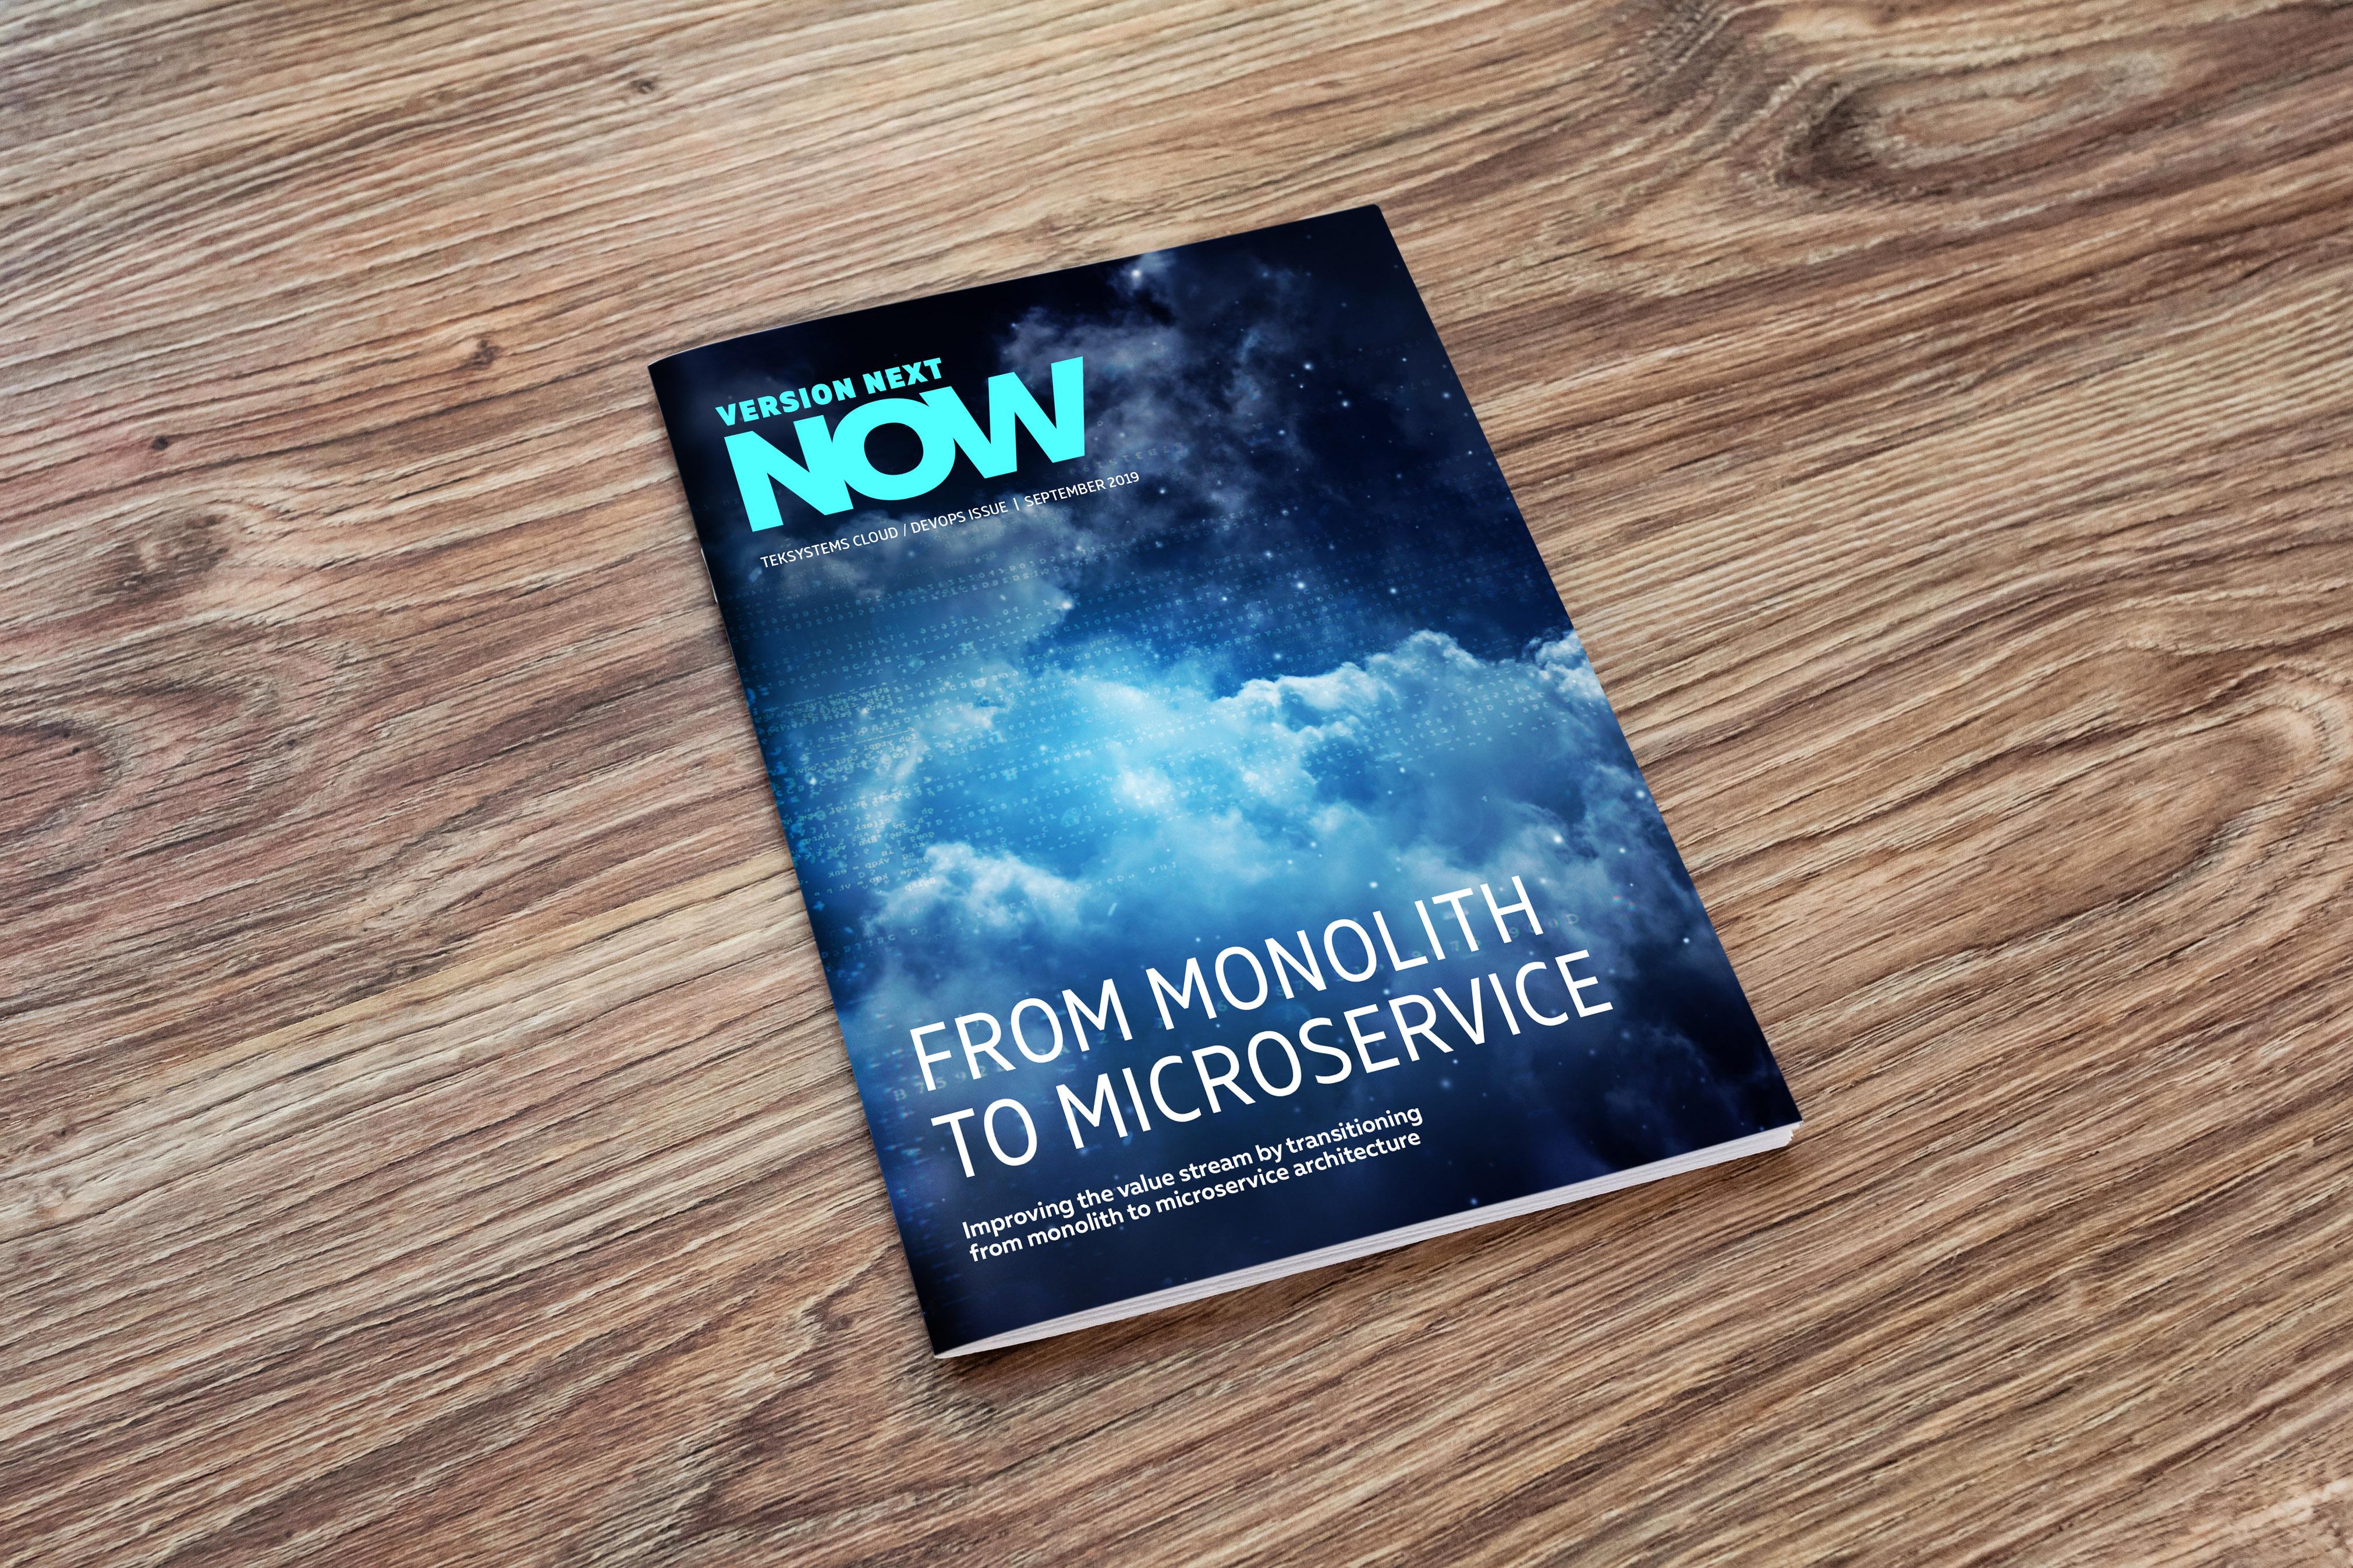 VNN Publication Cover